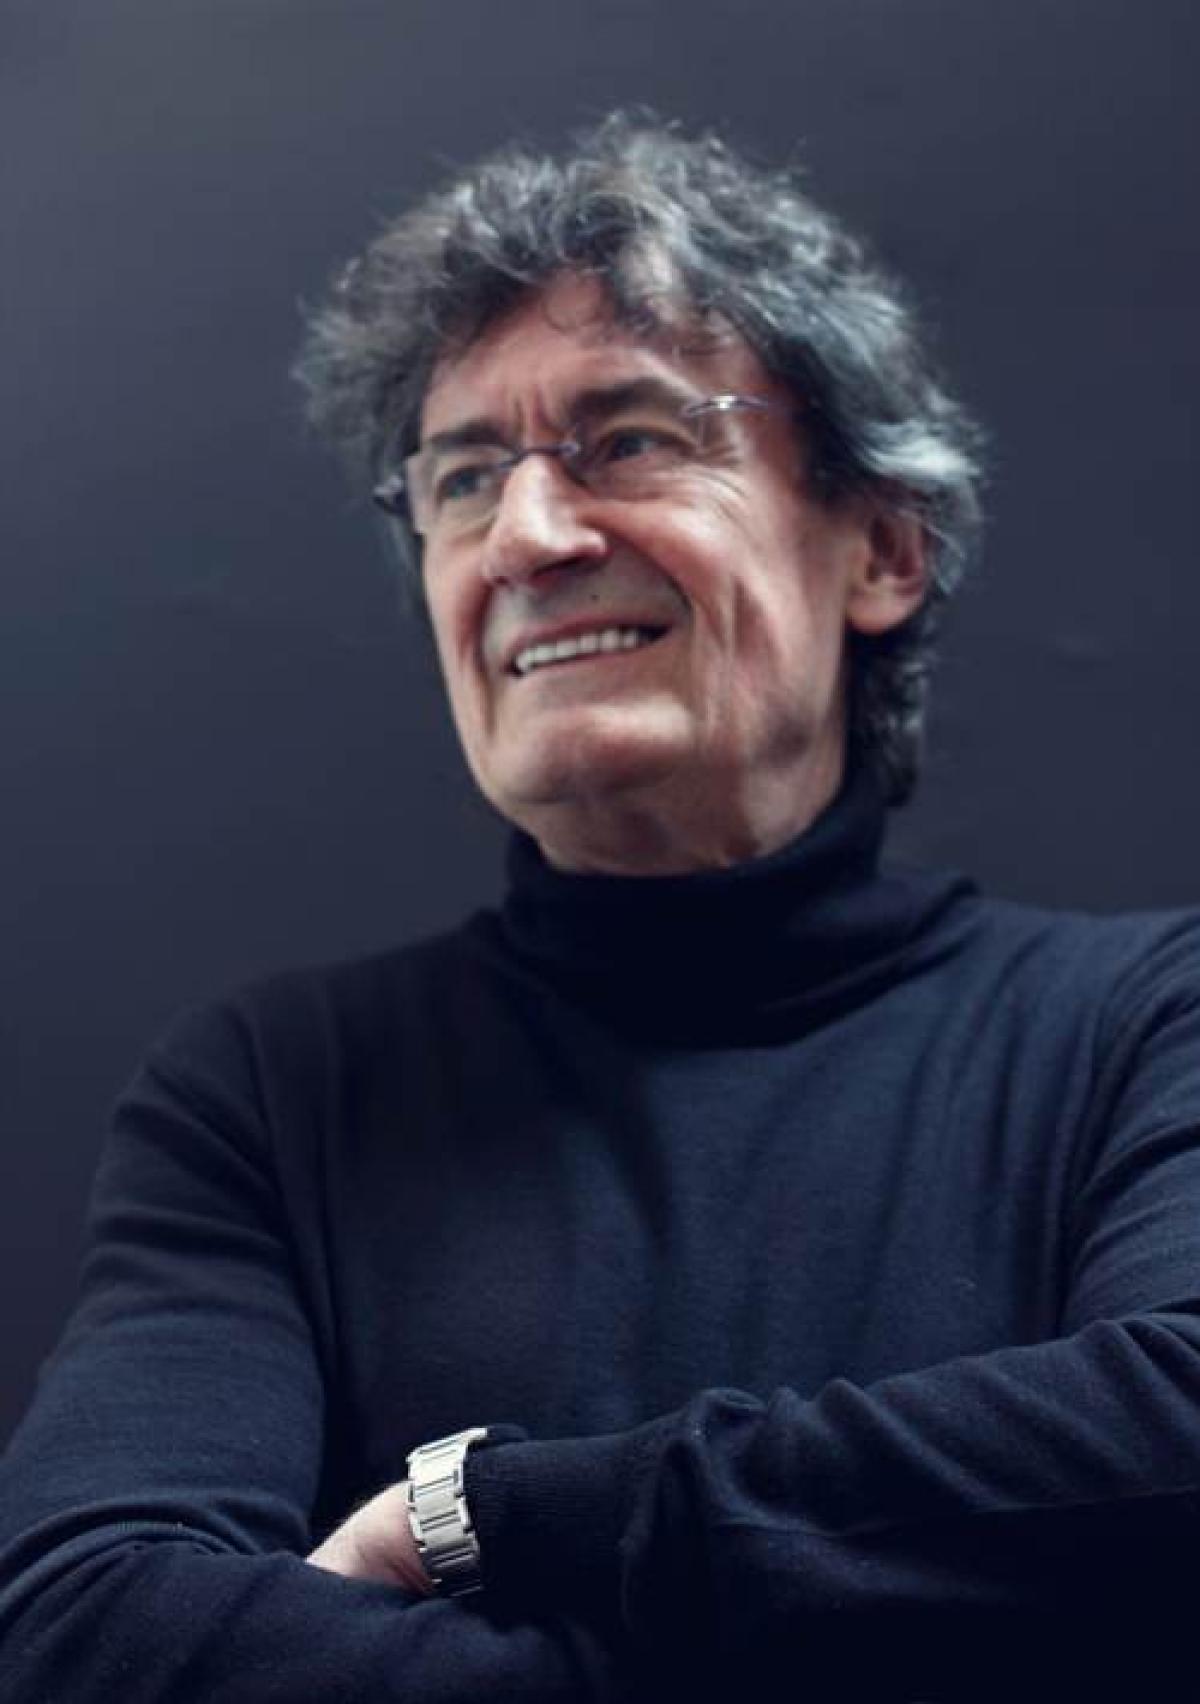 Jacek Kaspszyk